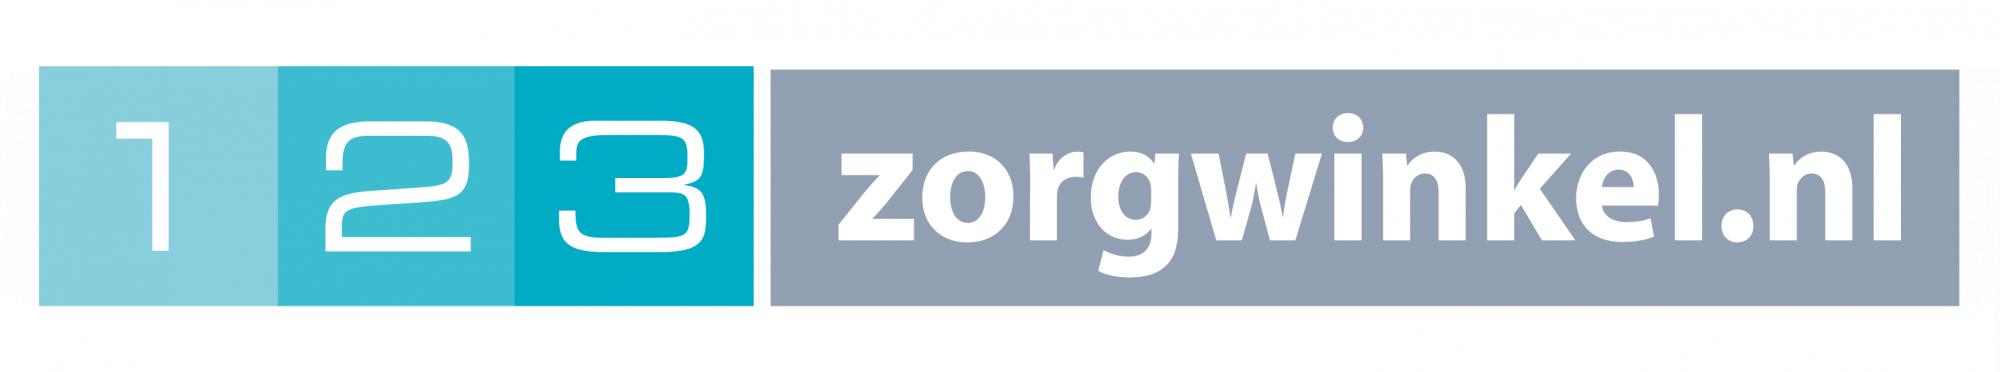 123Zorgwinkel logo